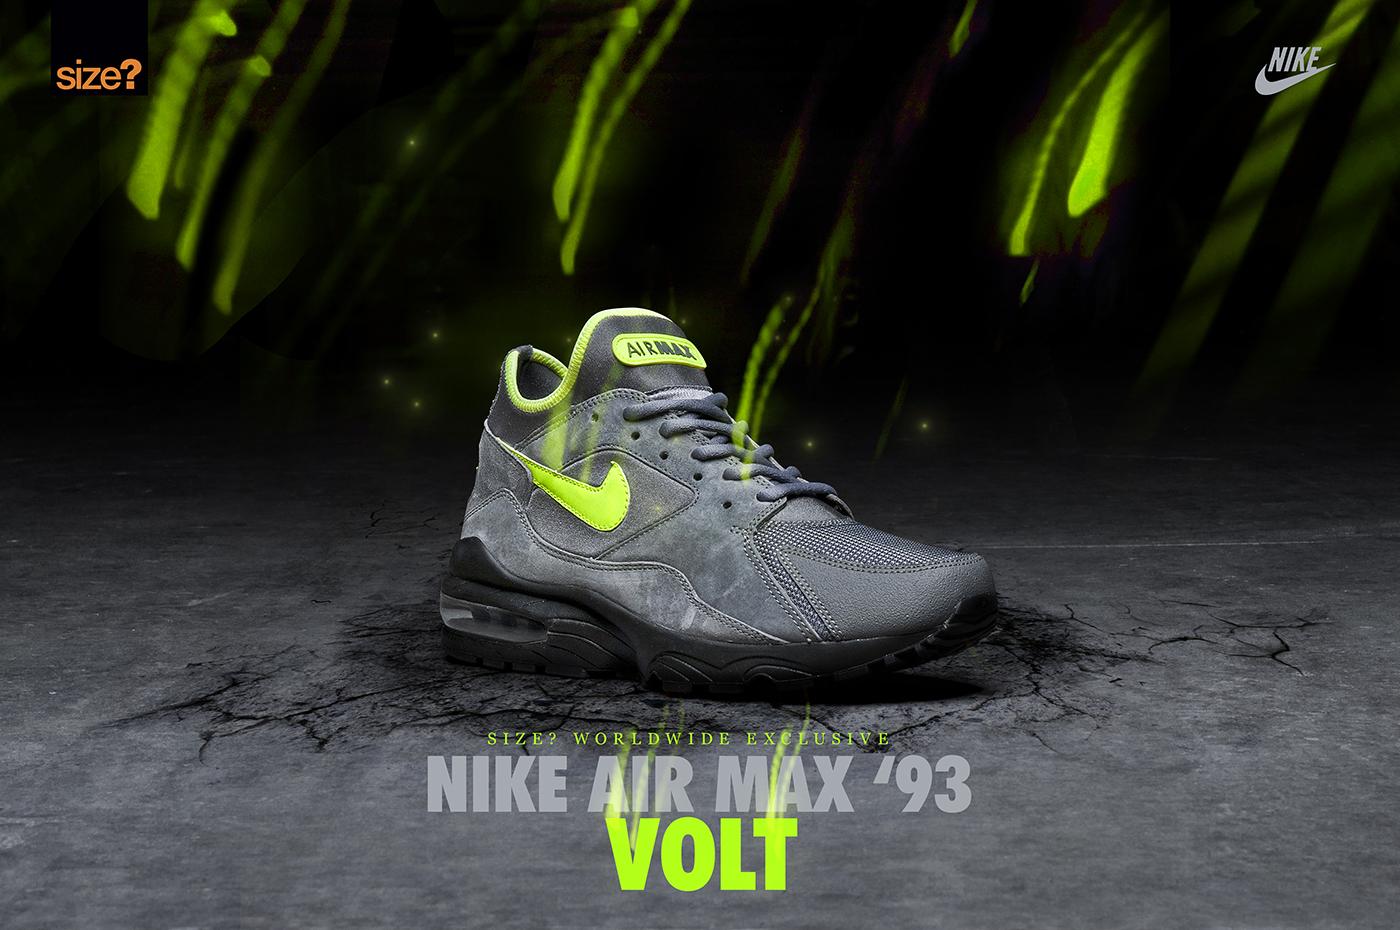 Nike Air Max 93 Volt Hero Image